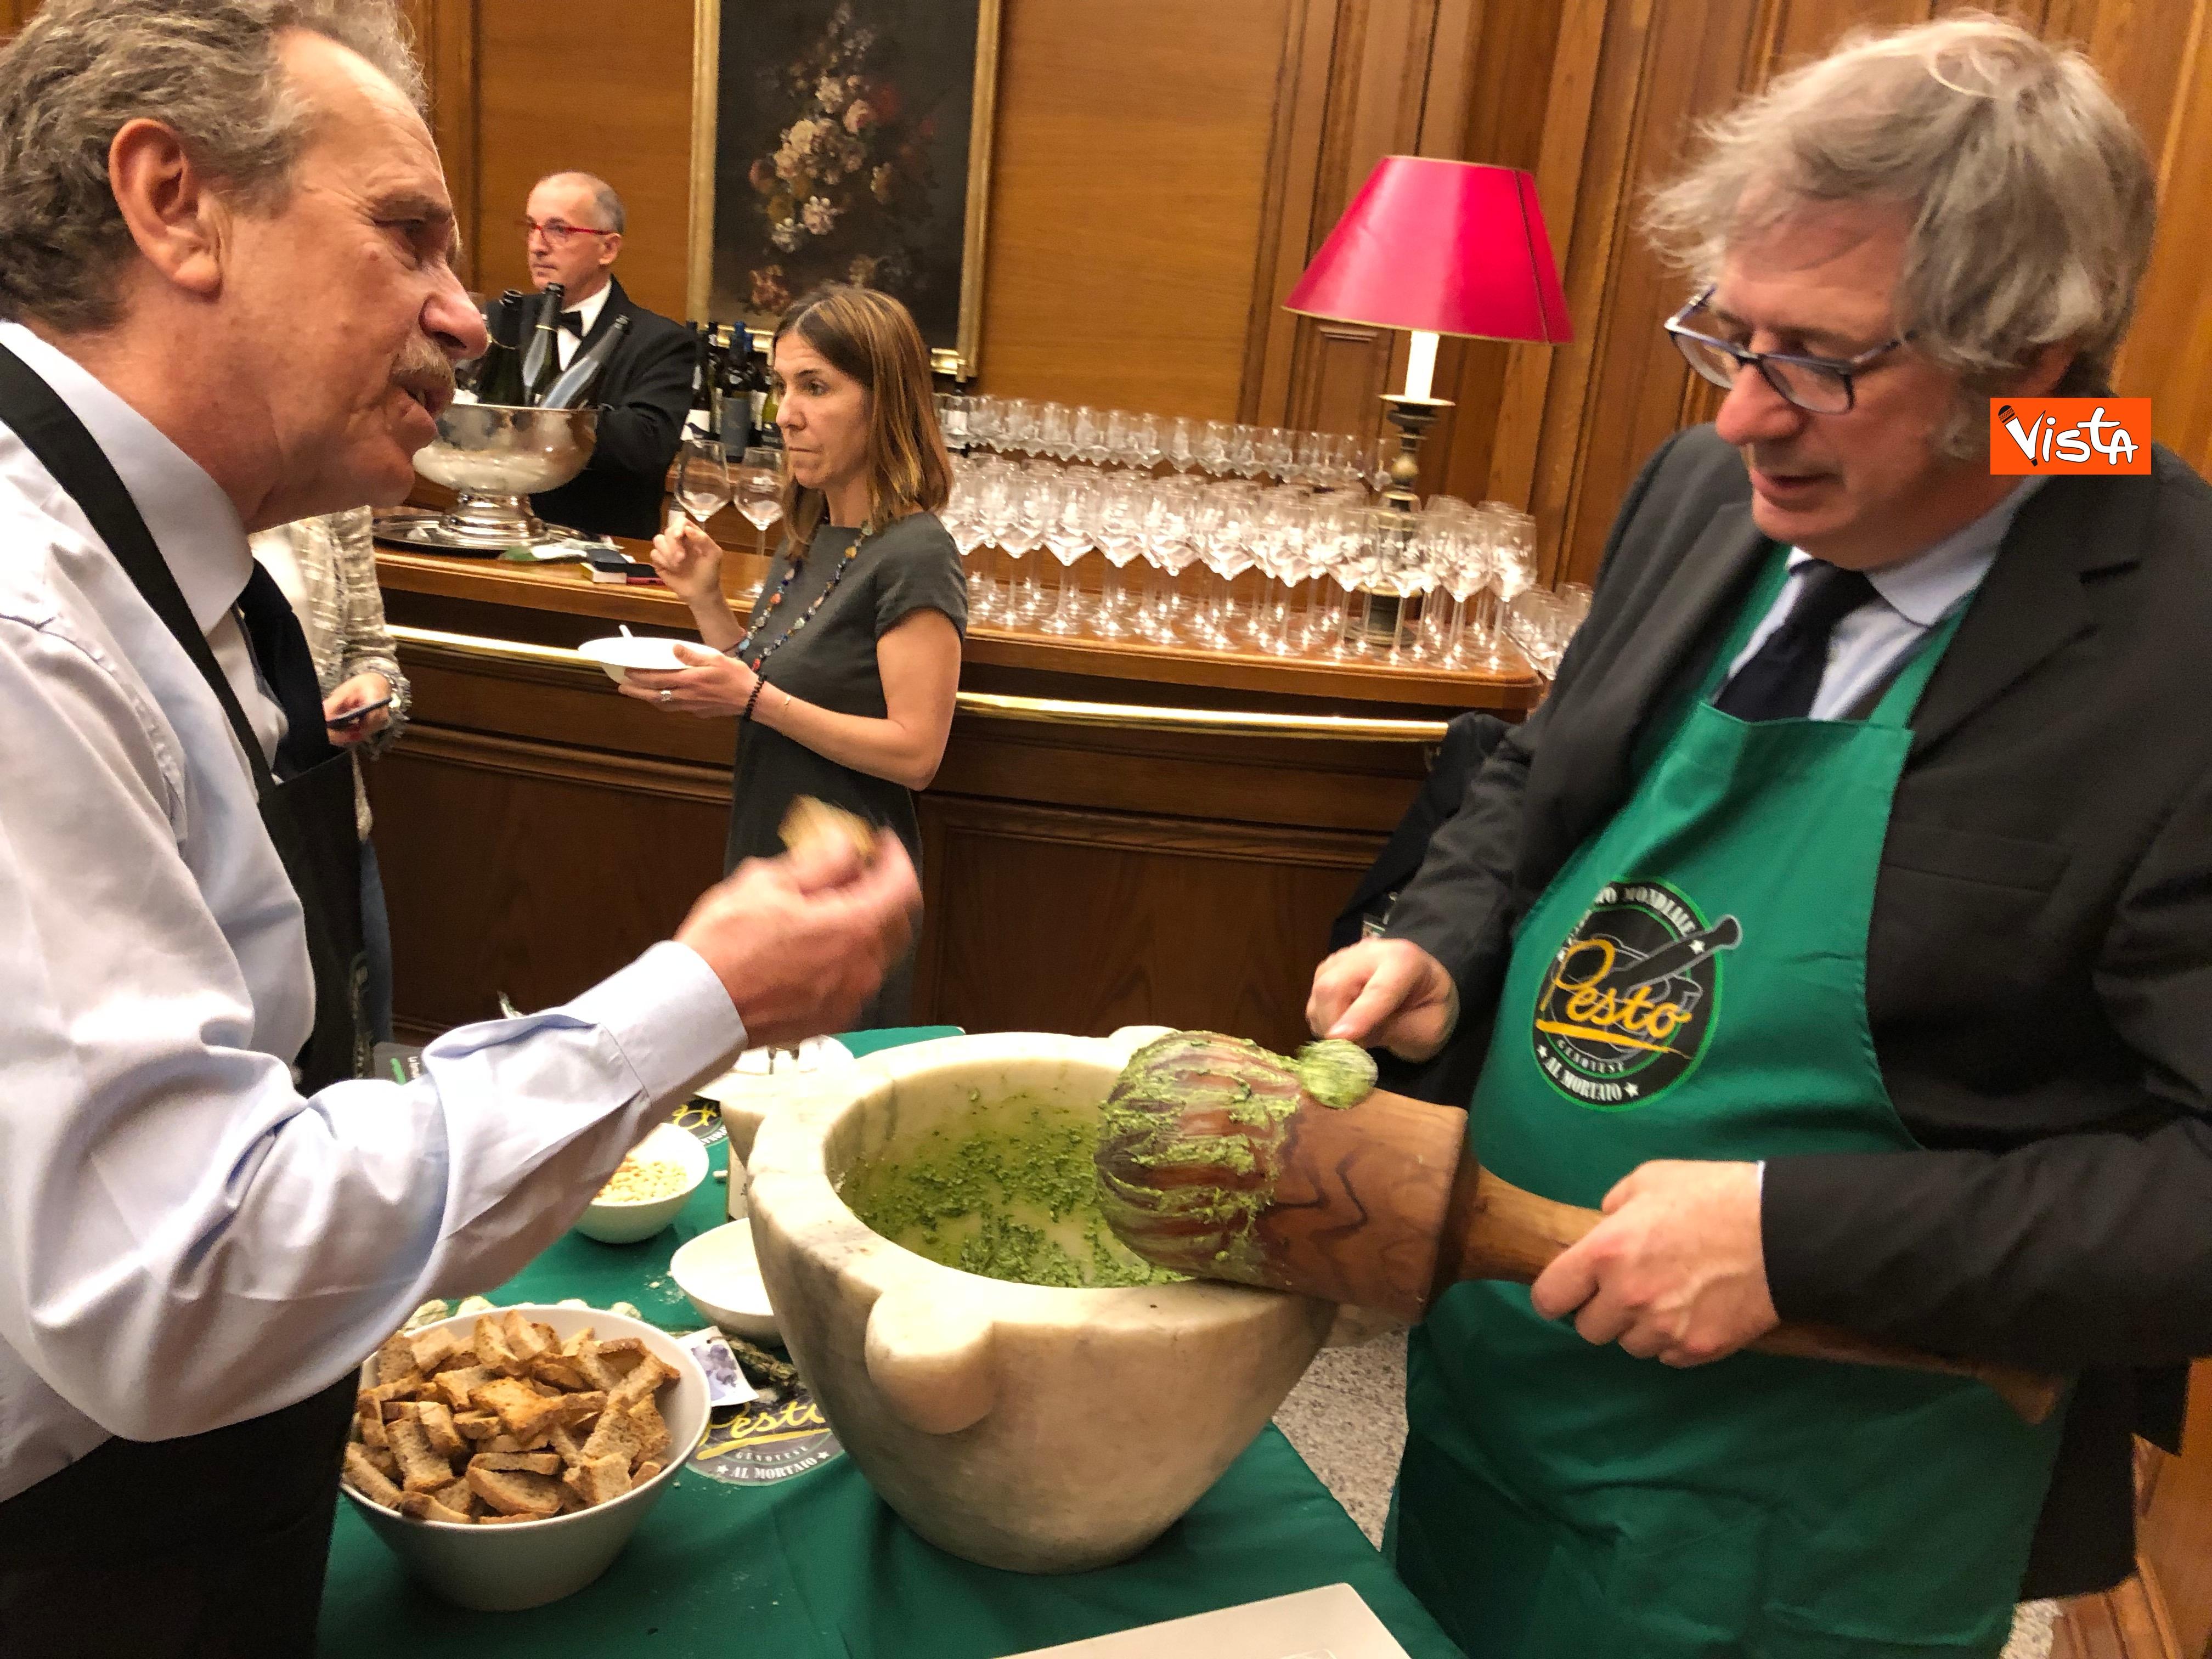 16-04-19 Il patto del pesto Conte Salvini e Toti mangiano le trofie a Montecitorio_12